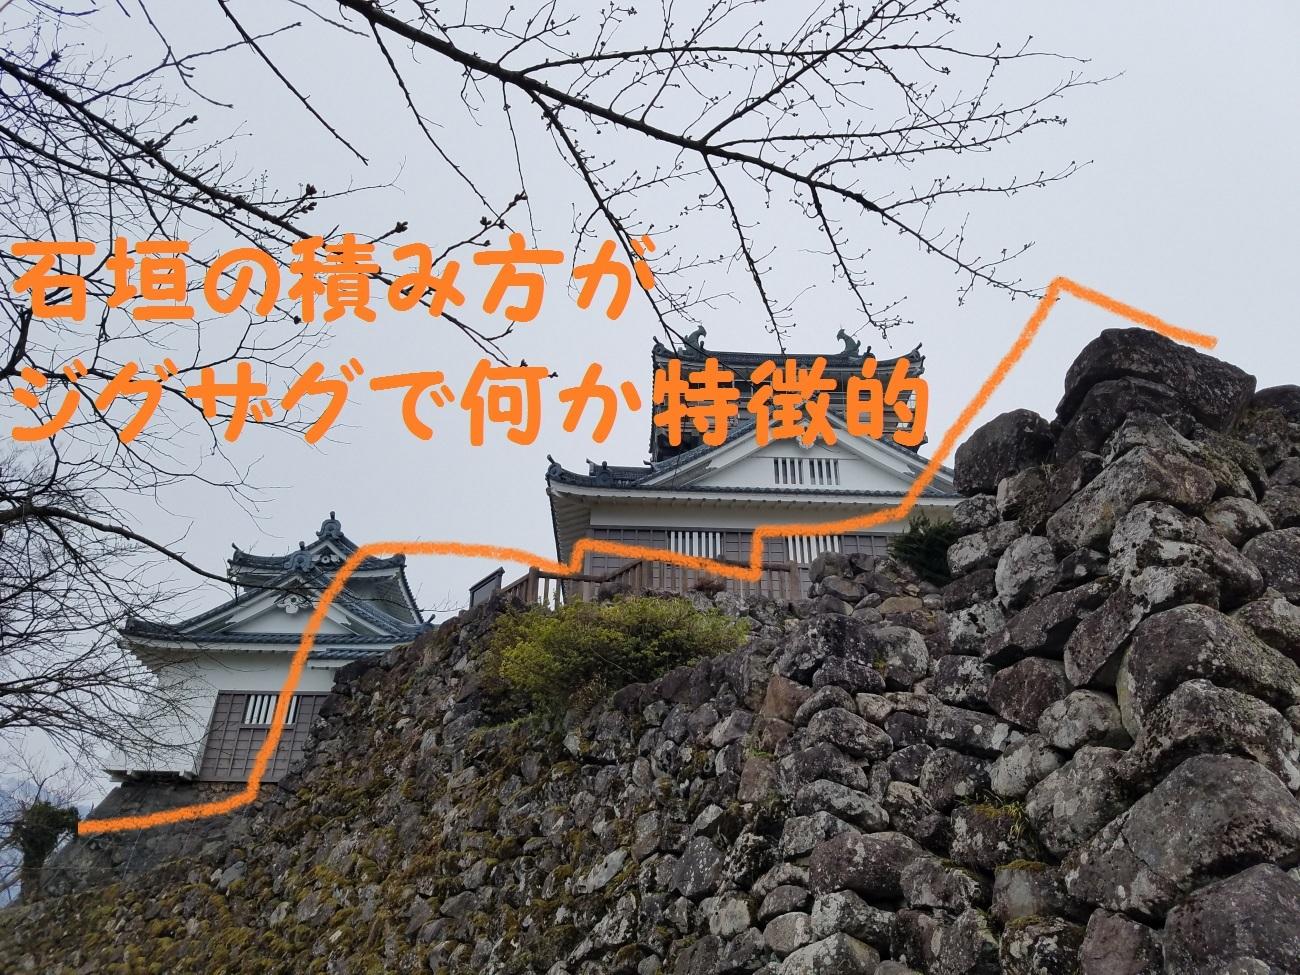 20170331_164257.jpg